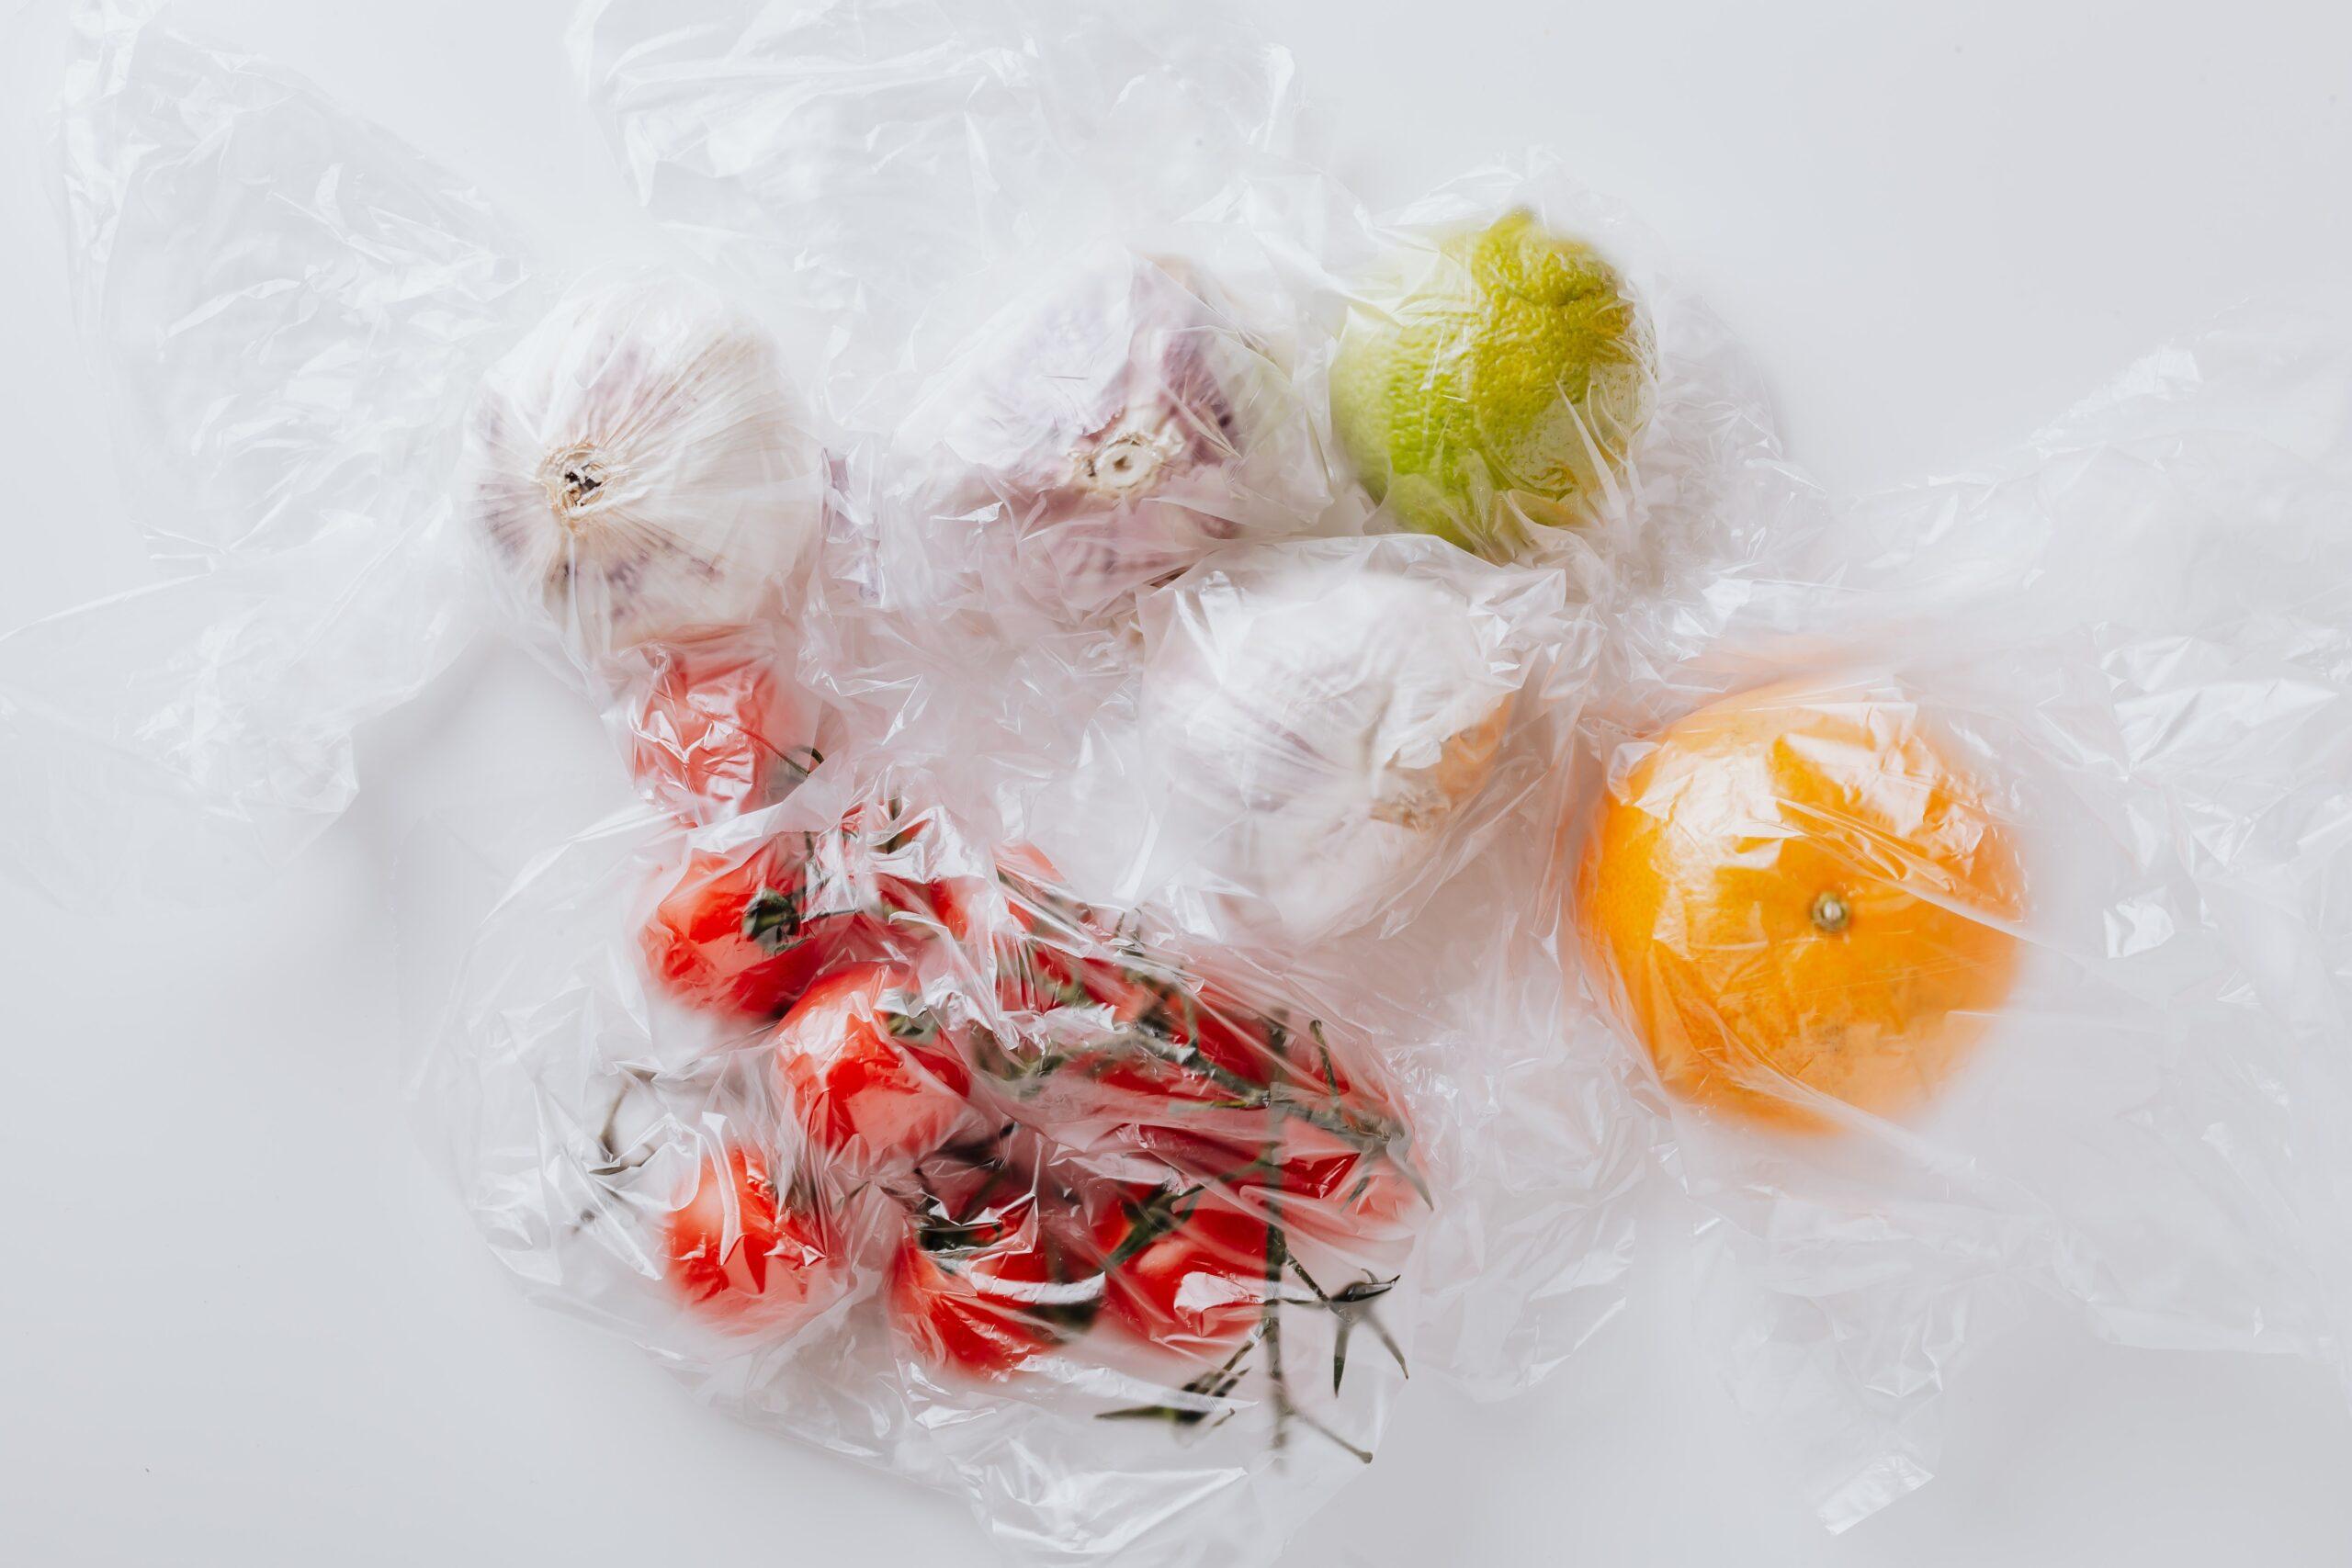 Овочі та фрукти у пластиковому пакеті